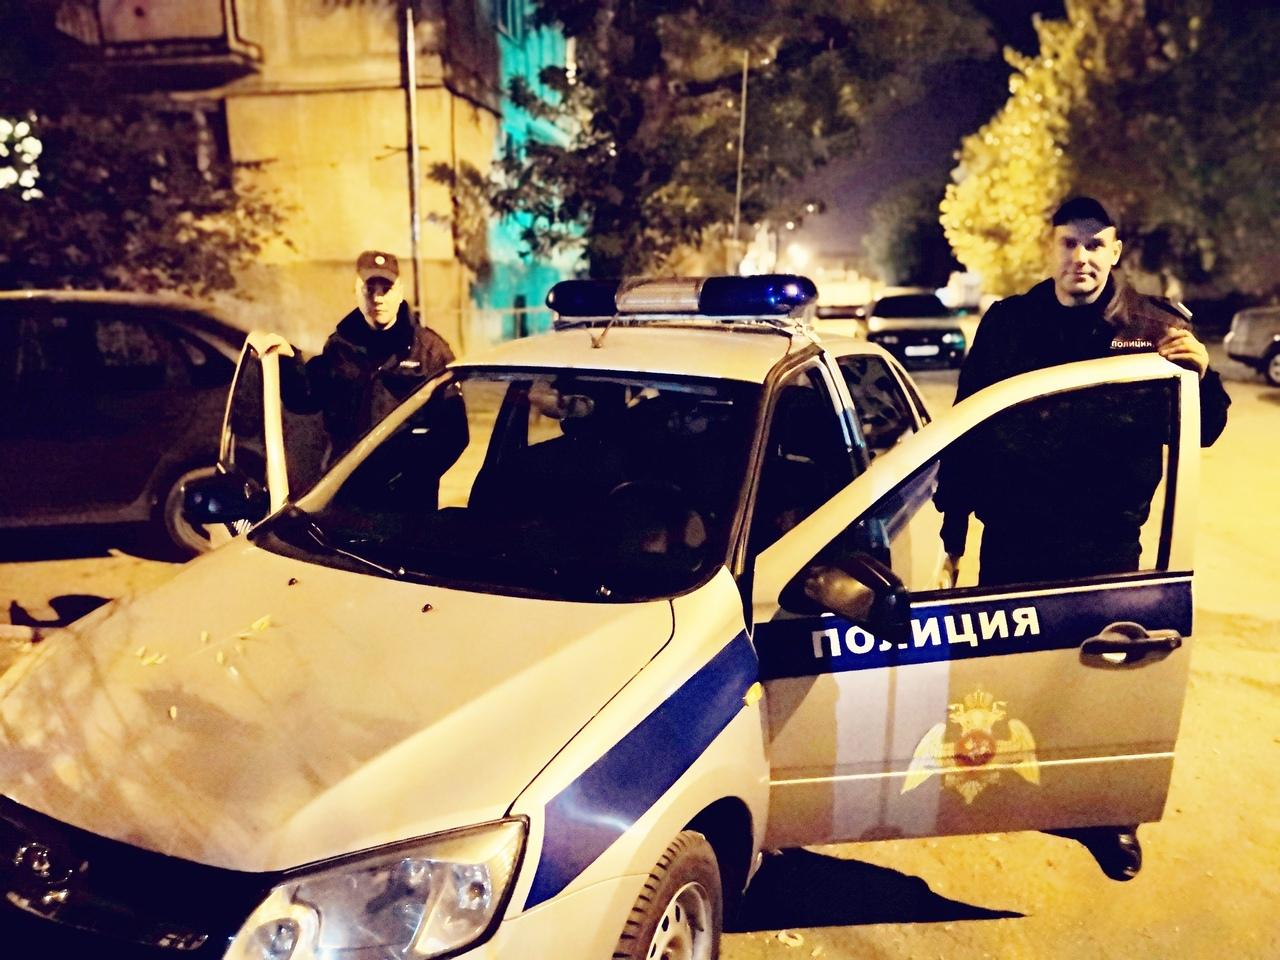 В Севастополе задержан грабитель пенсионерки